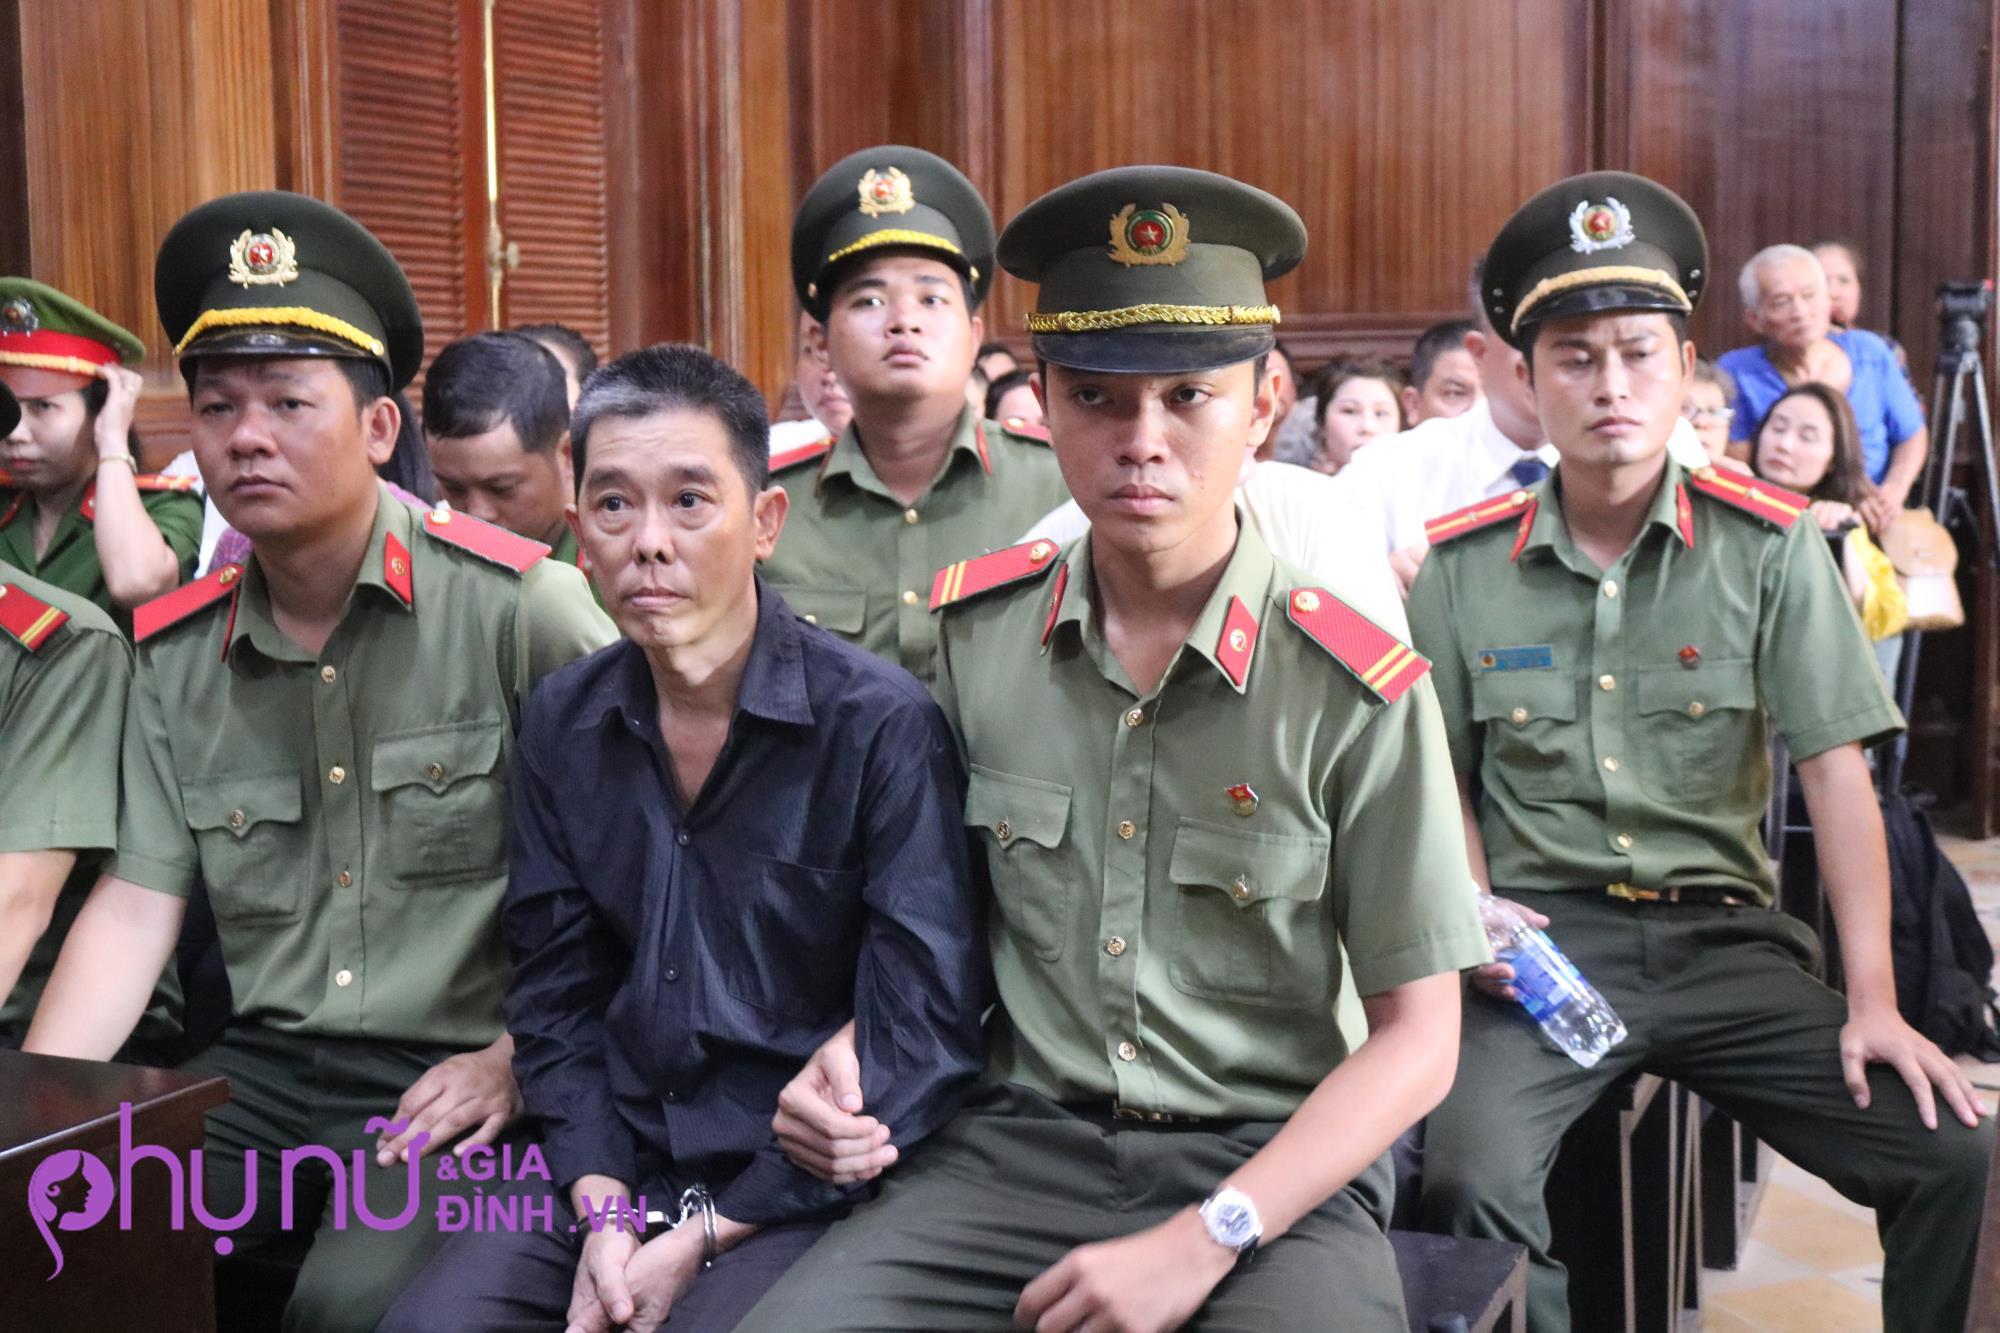 Bất ngờ với nhan sắc hiện tại của hot girl Ngọc Miu - người tình của ông trùm ma túy sau nhiều tháng ngồi tù - Ảnh 7